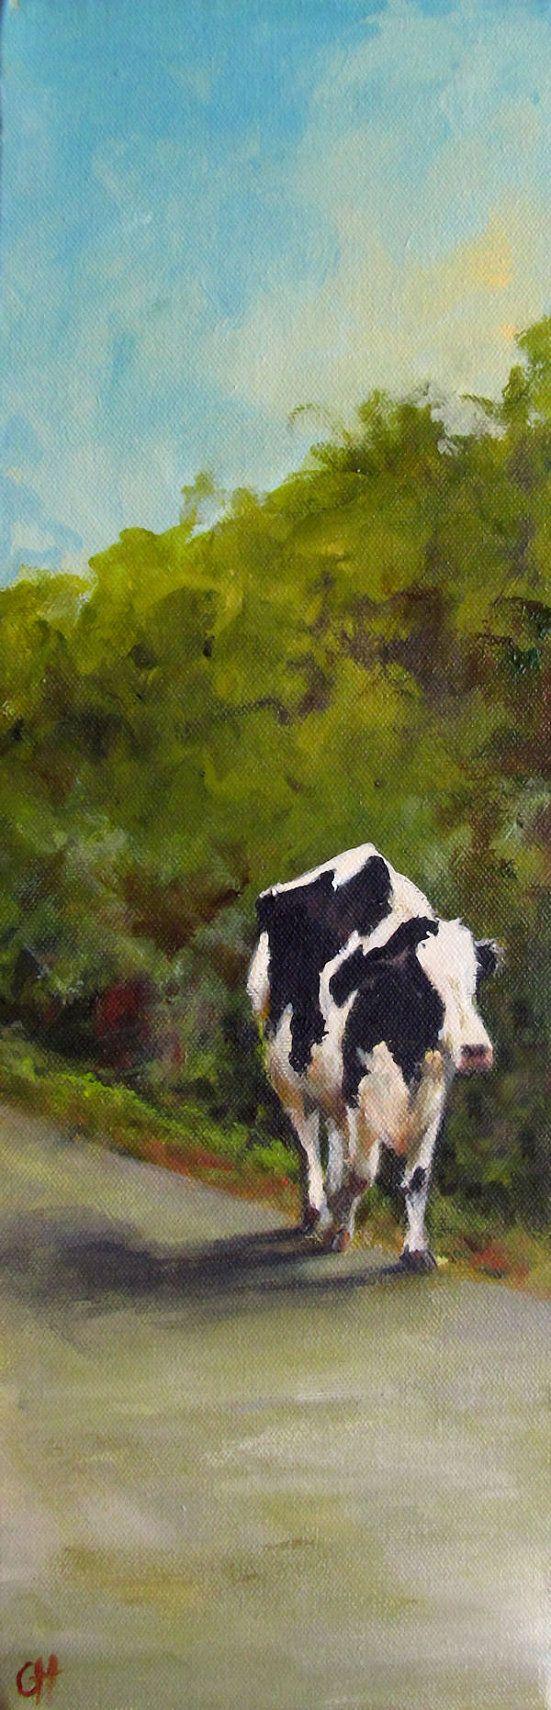 Peinture - Nowhere Fast - impression d'une peinture originale sur toile 6 x 18 - la vache